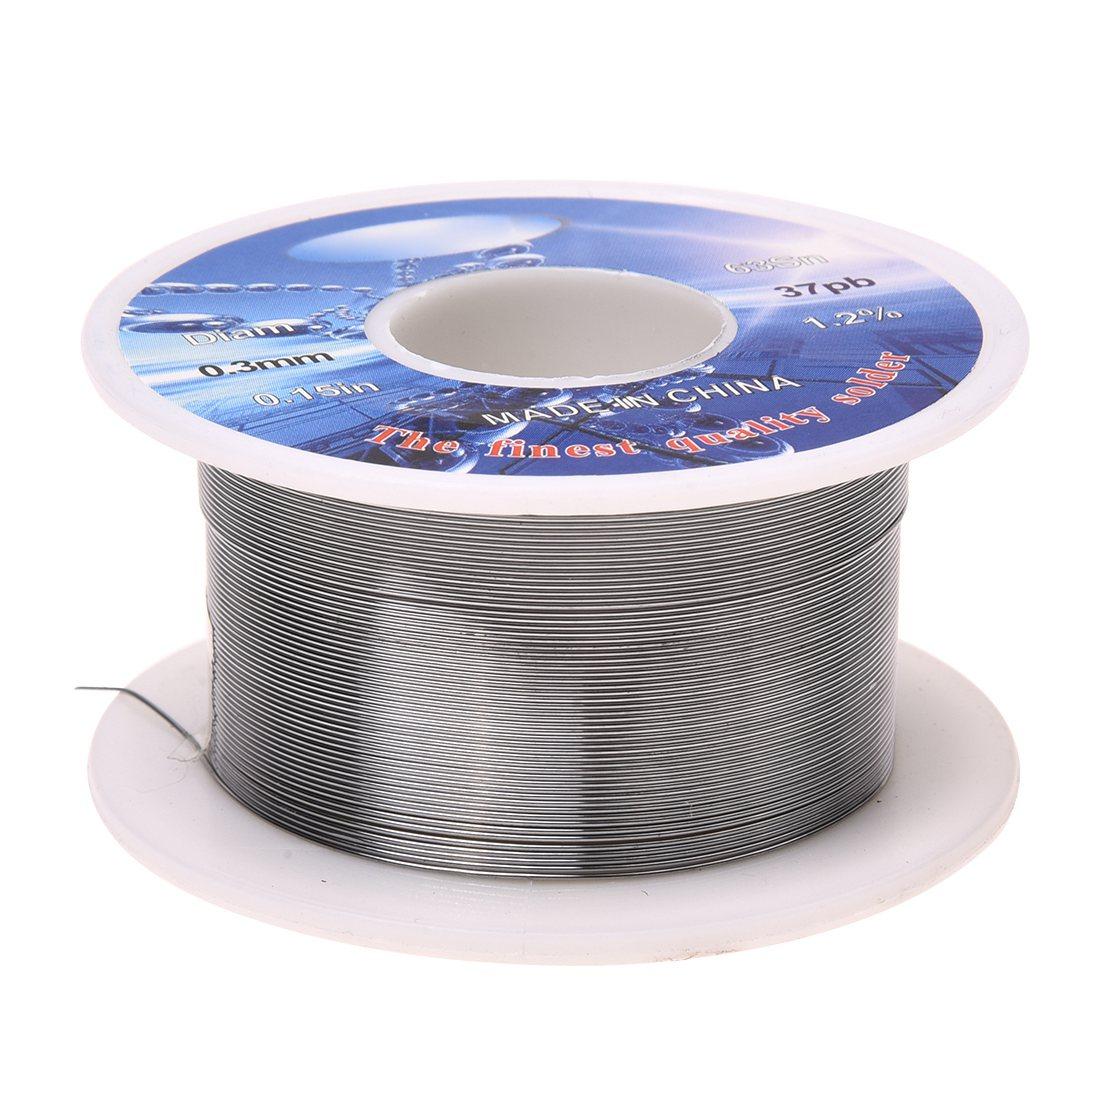 HHO-твердый припой 0,3 мм Диаметр флюс сердечник 63% Олово 37% свинцовая длинная проволочная катушка